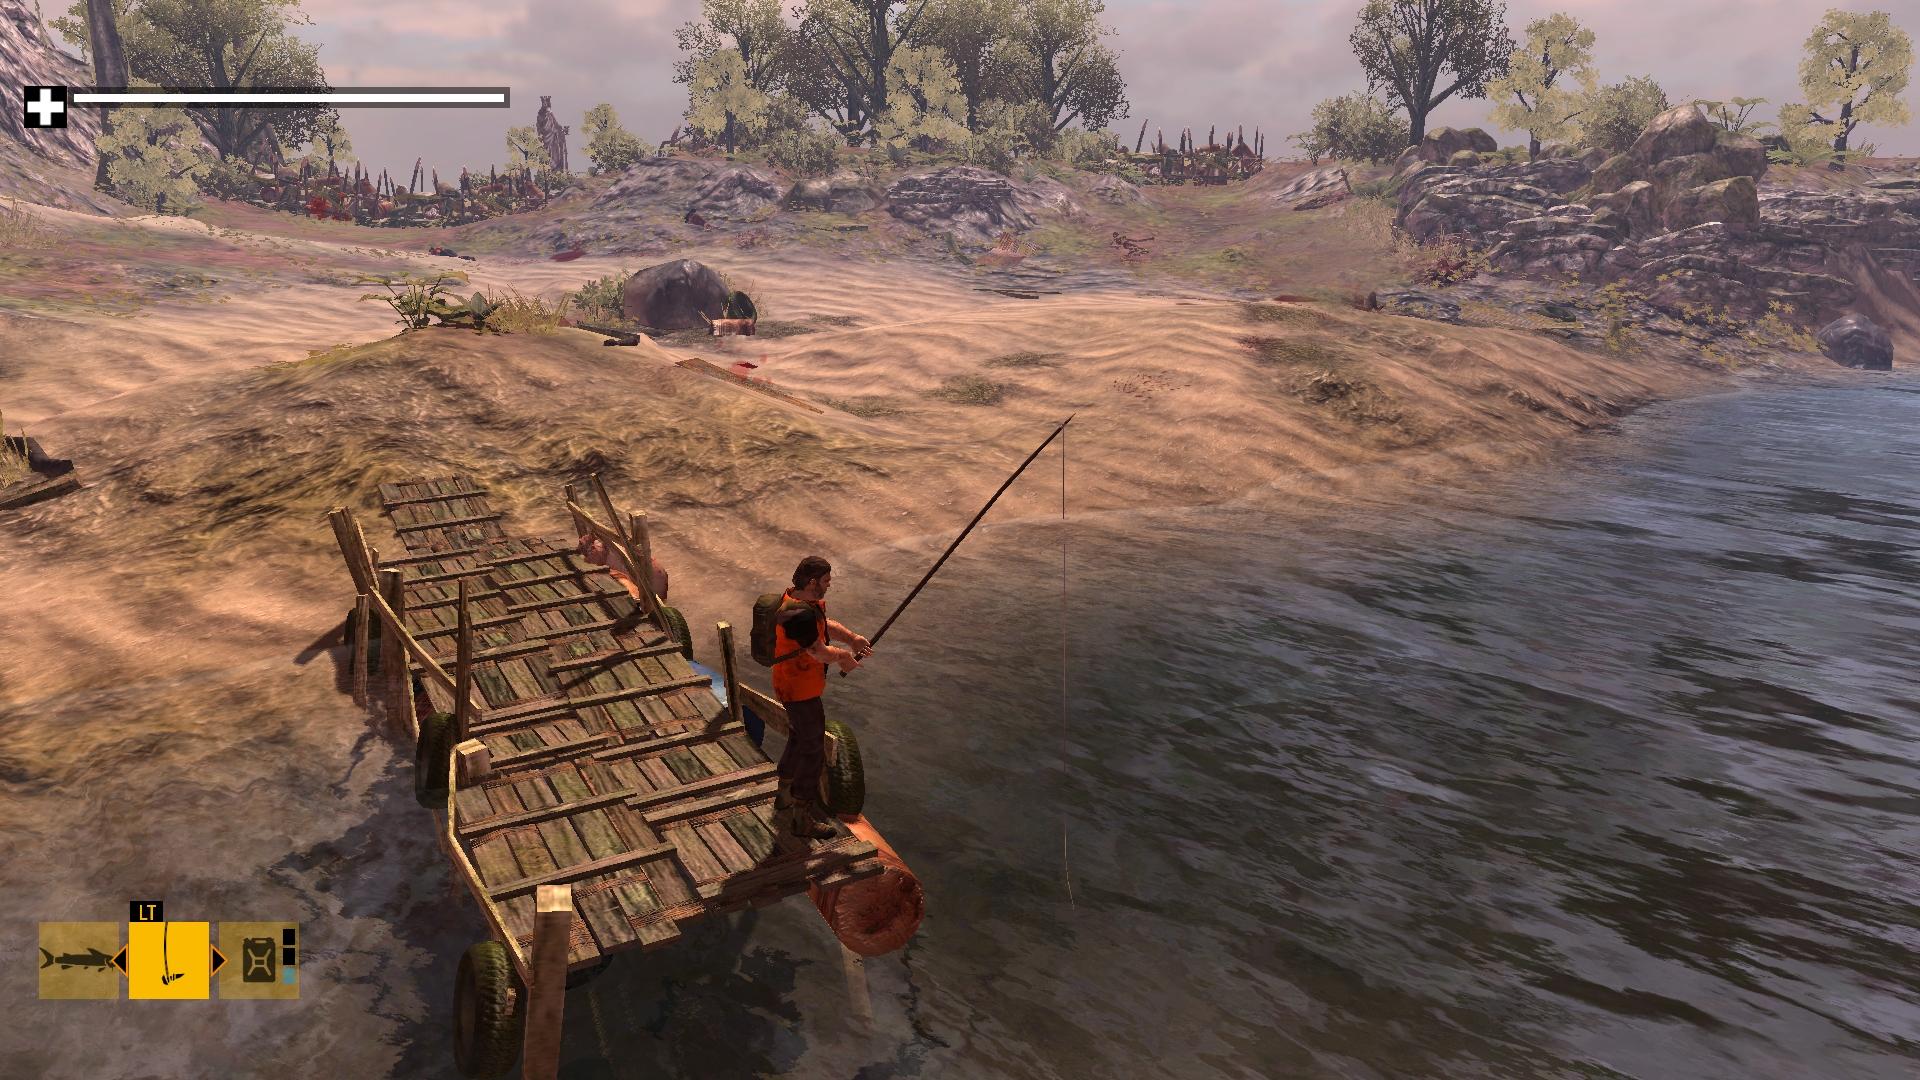 картинки игр про выживание с открытым миром технические характеристики